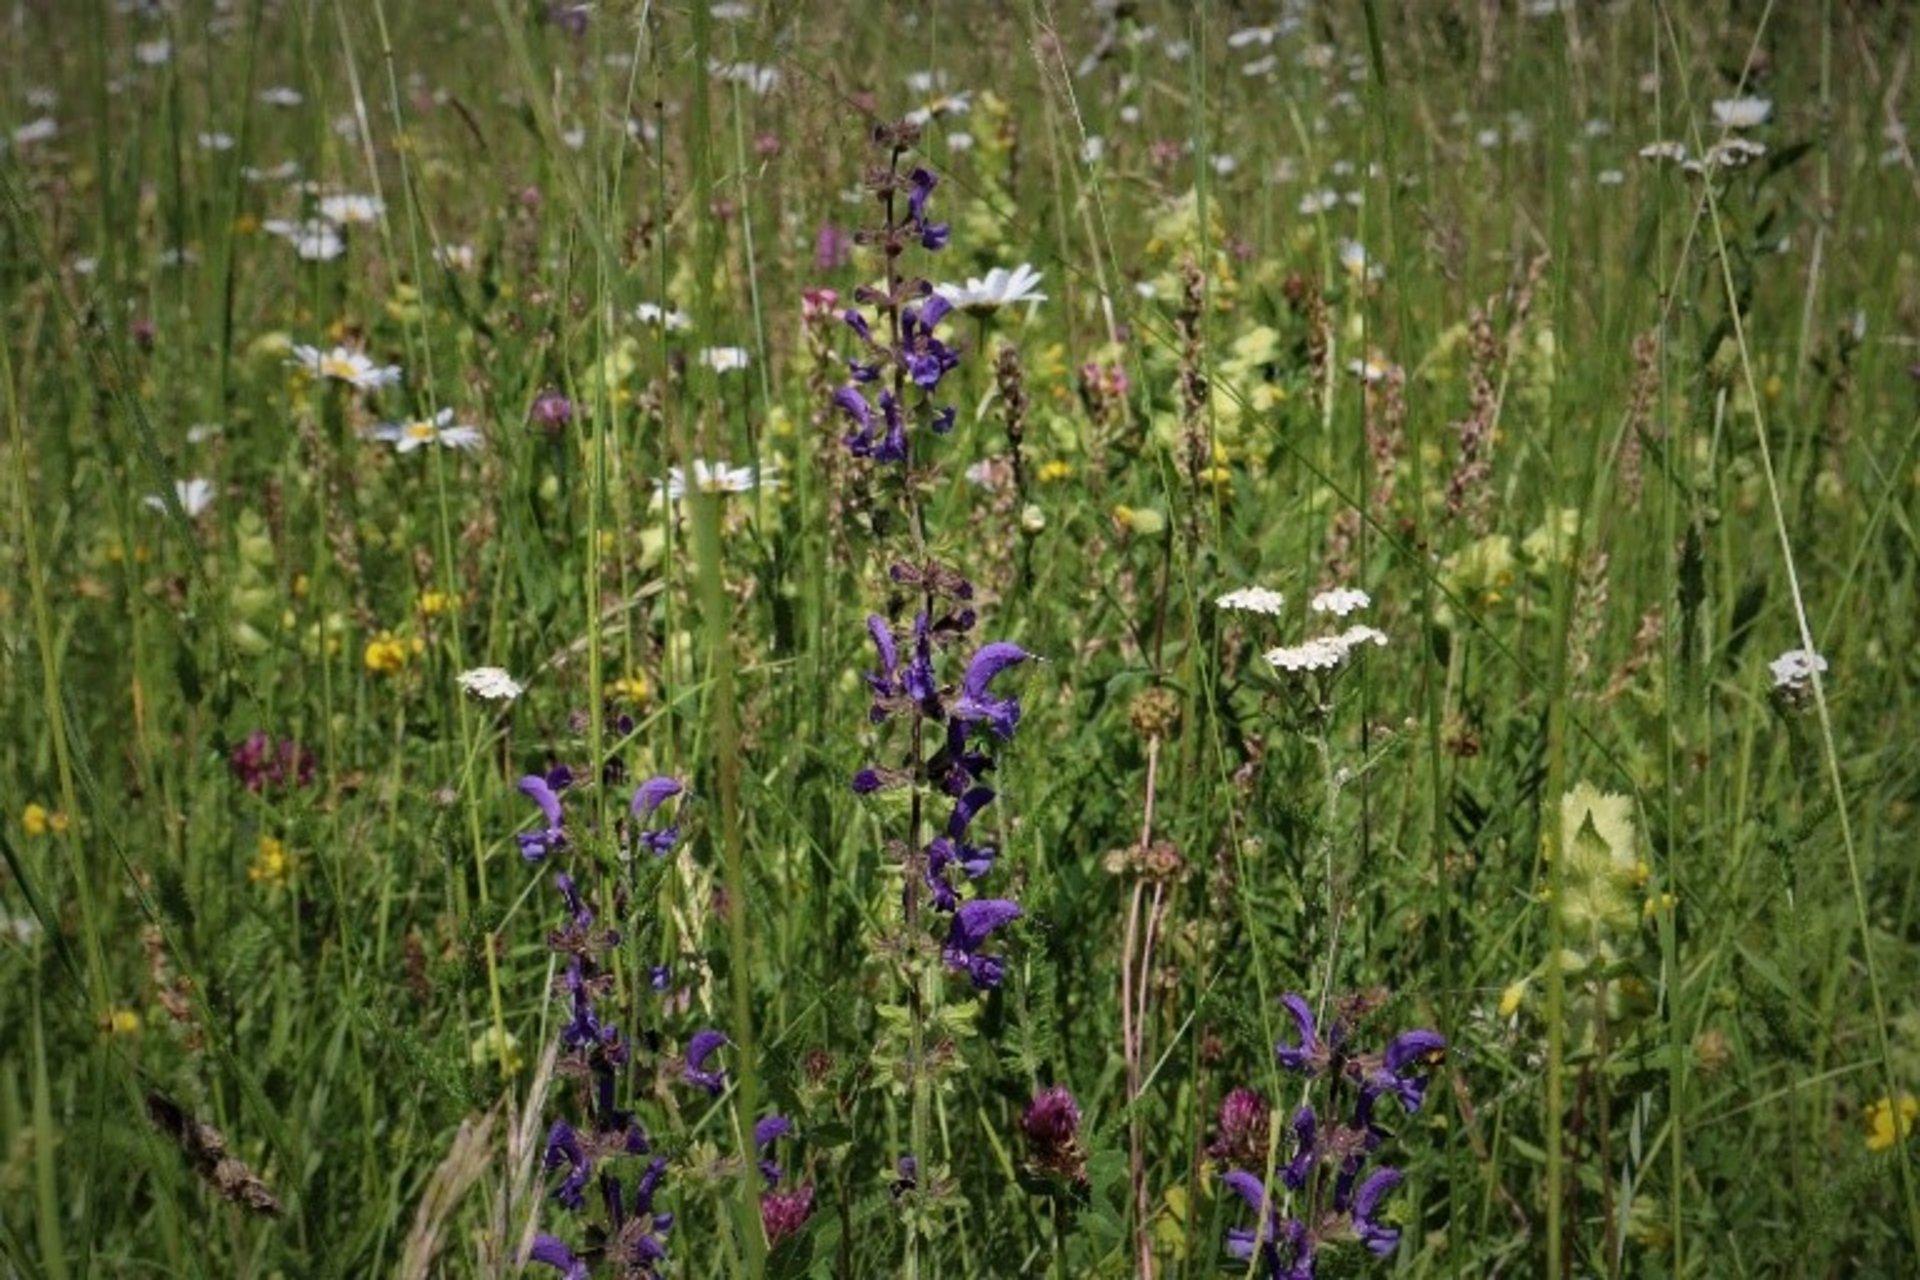 Blühende Wiese im Orchideengebiet (Foto Luisa Seegmüller)